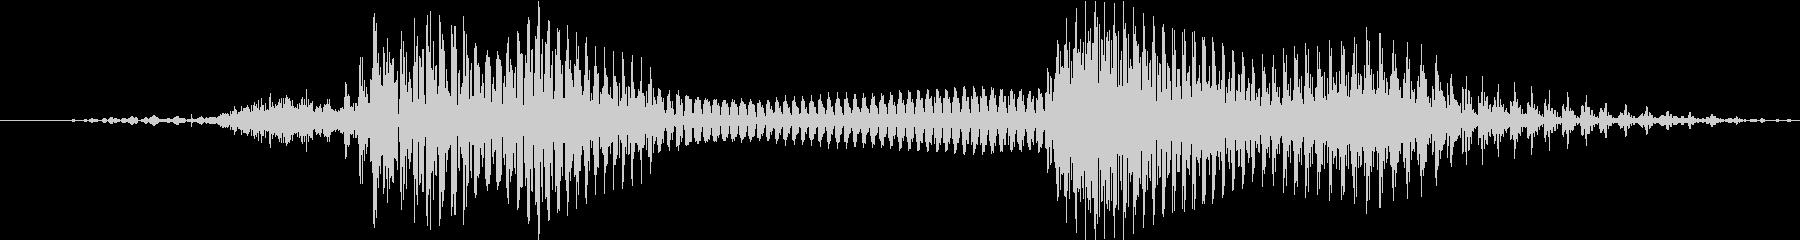 「残念」の未再生の波形